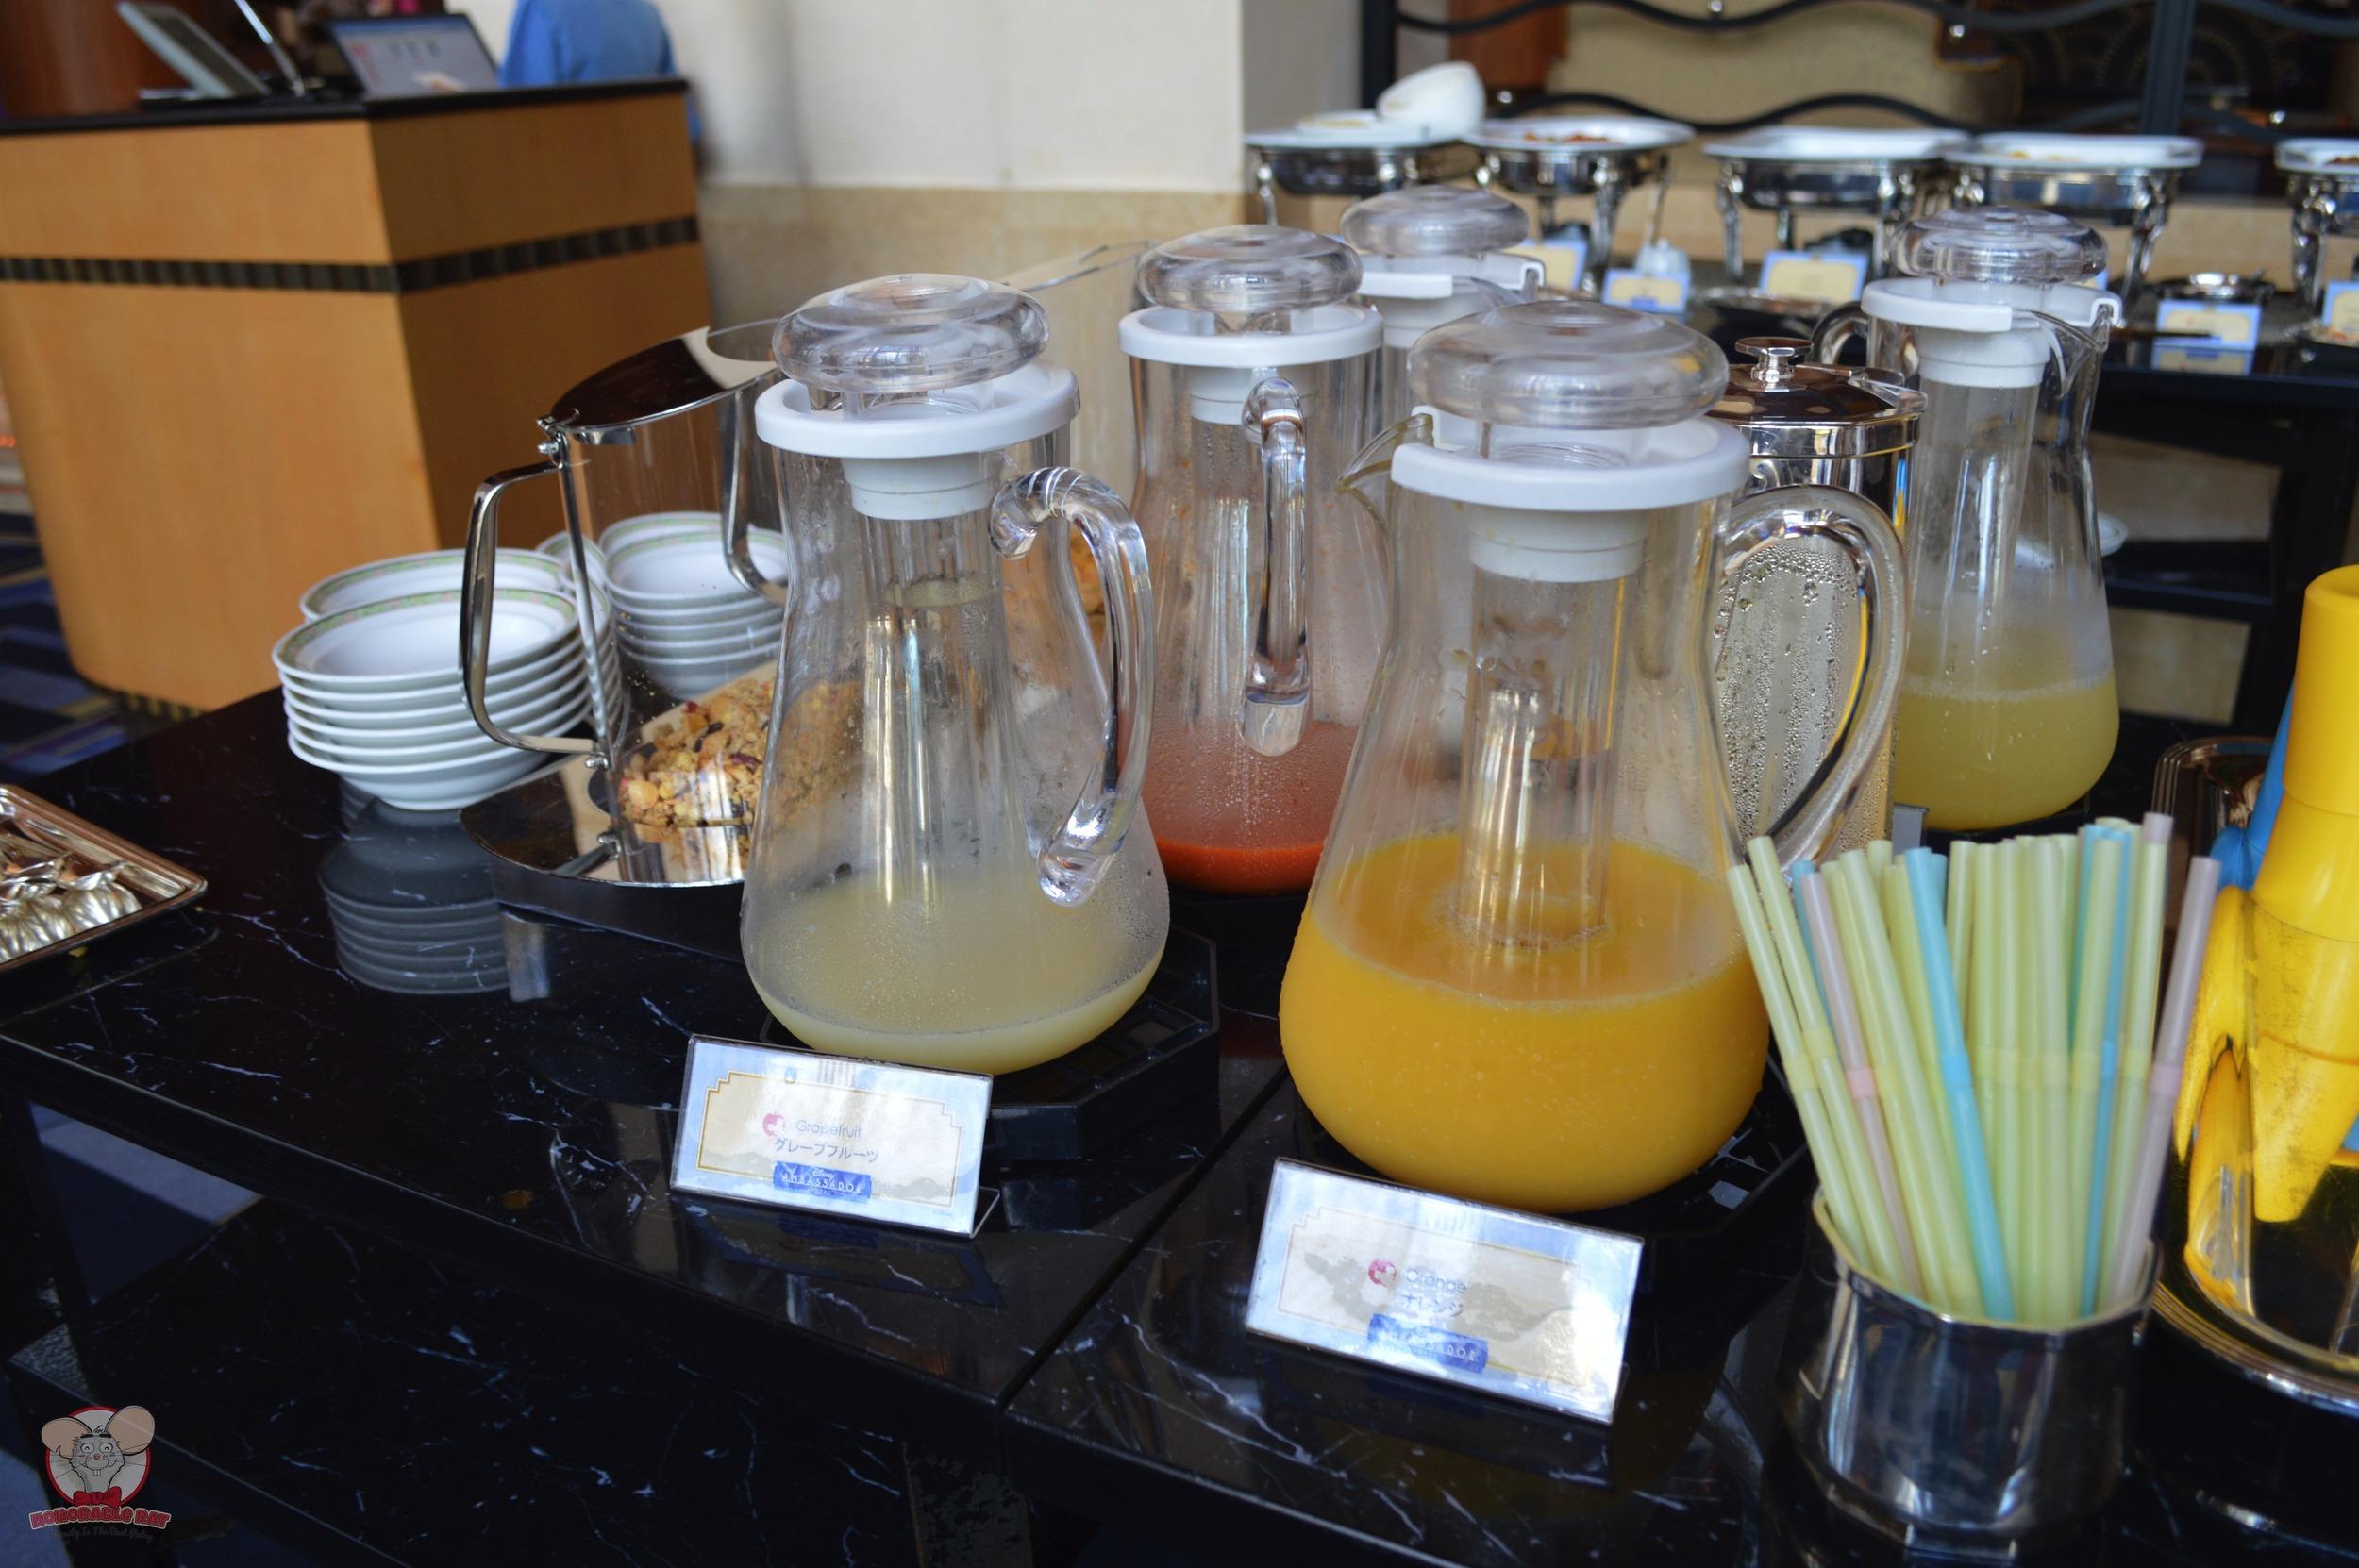 Grapefruit juice and orange juice